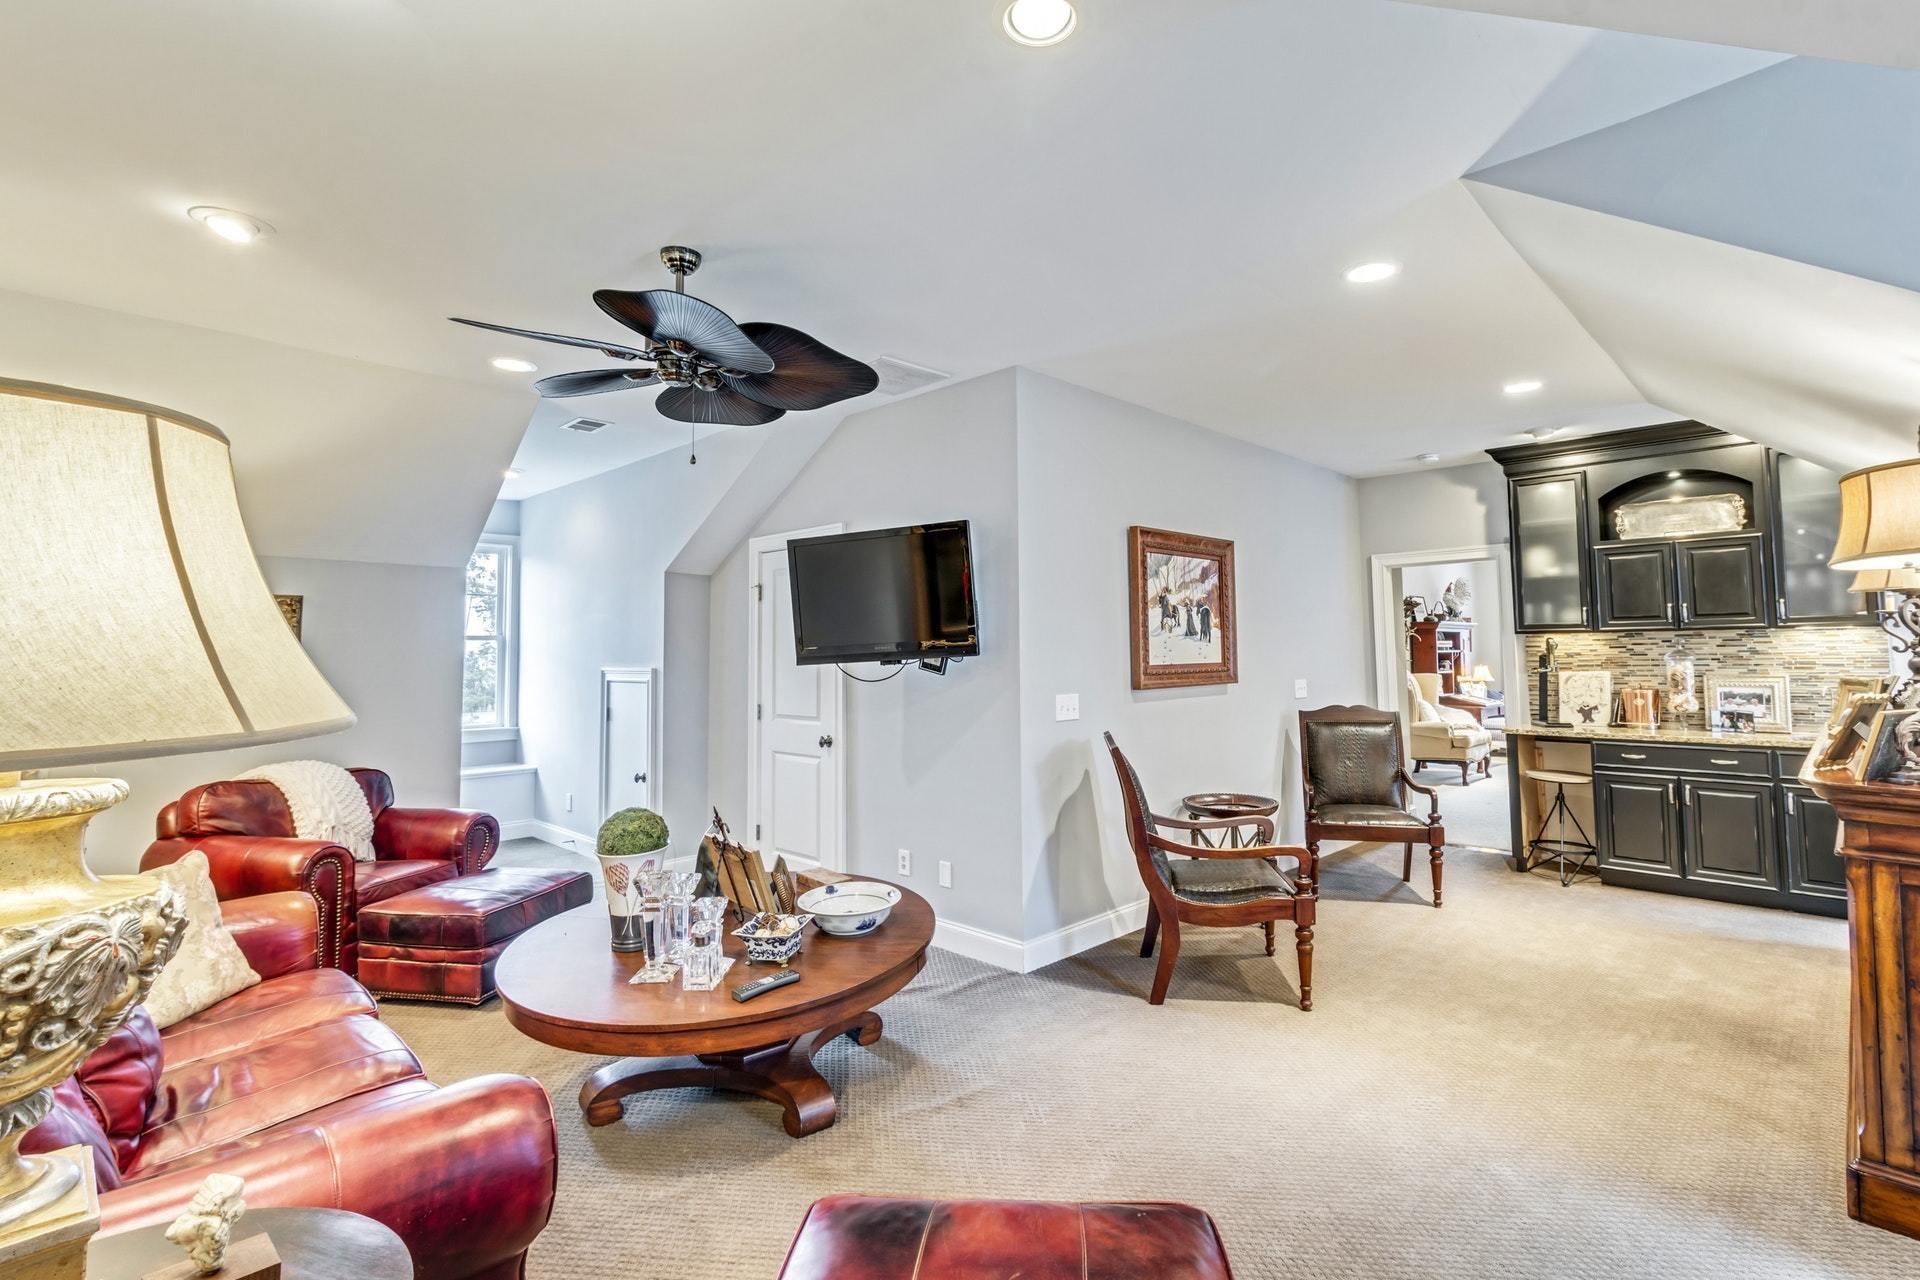 Dunes West Homes For Sale - 2816 River Vista, Mount Pleasant, SC - 33